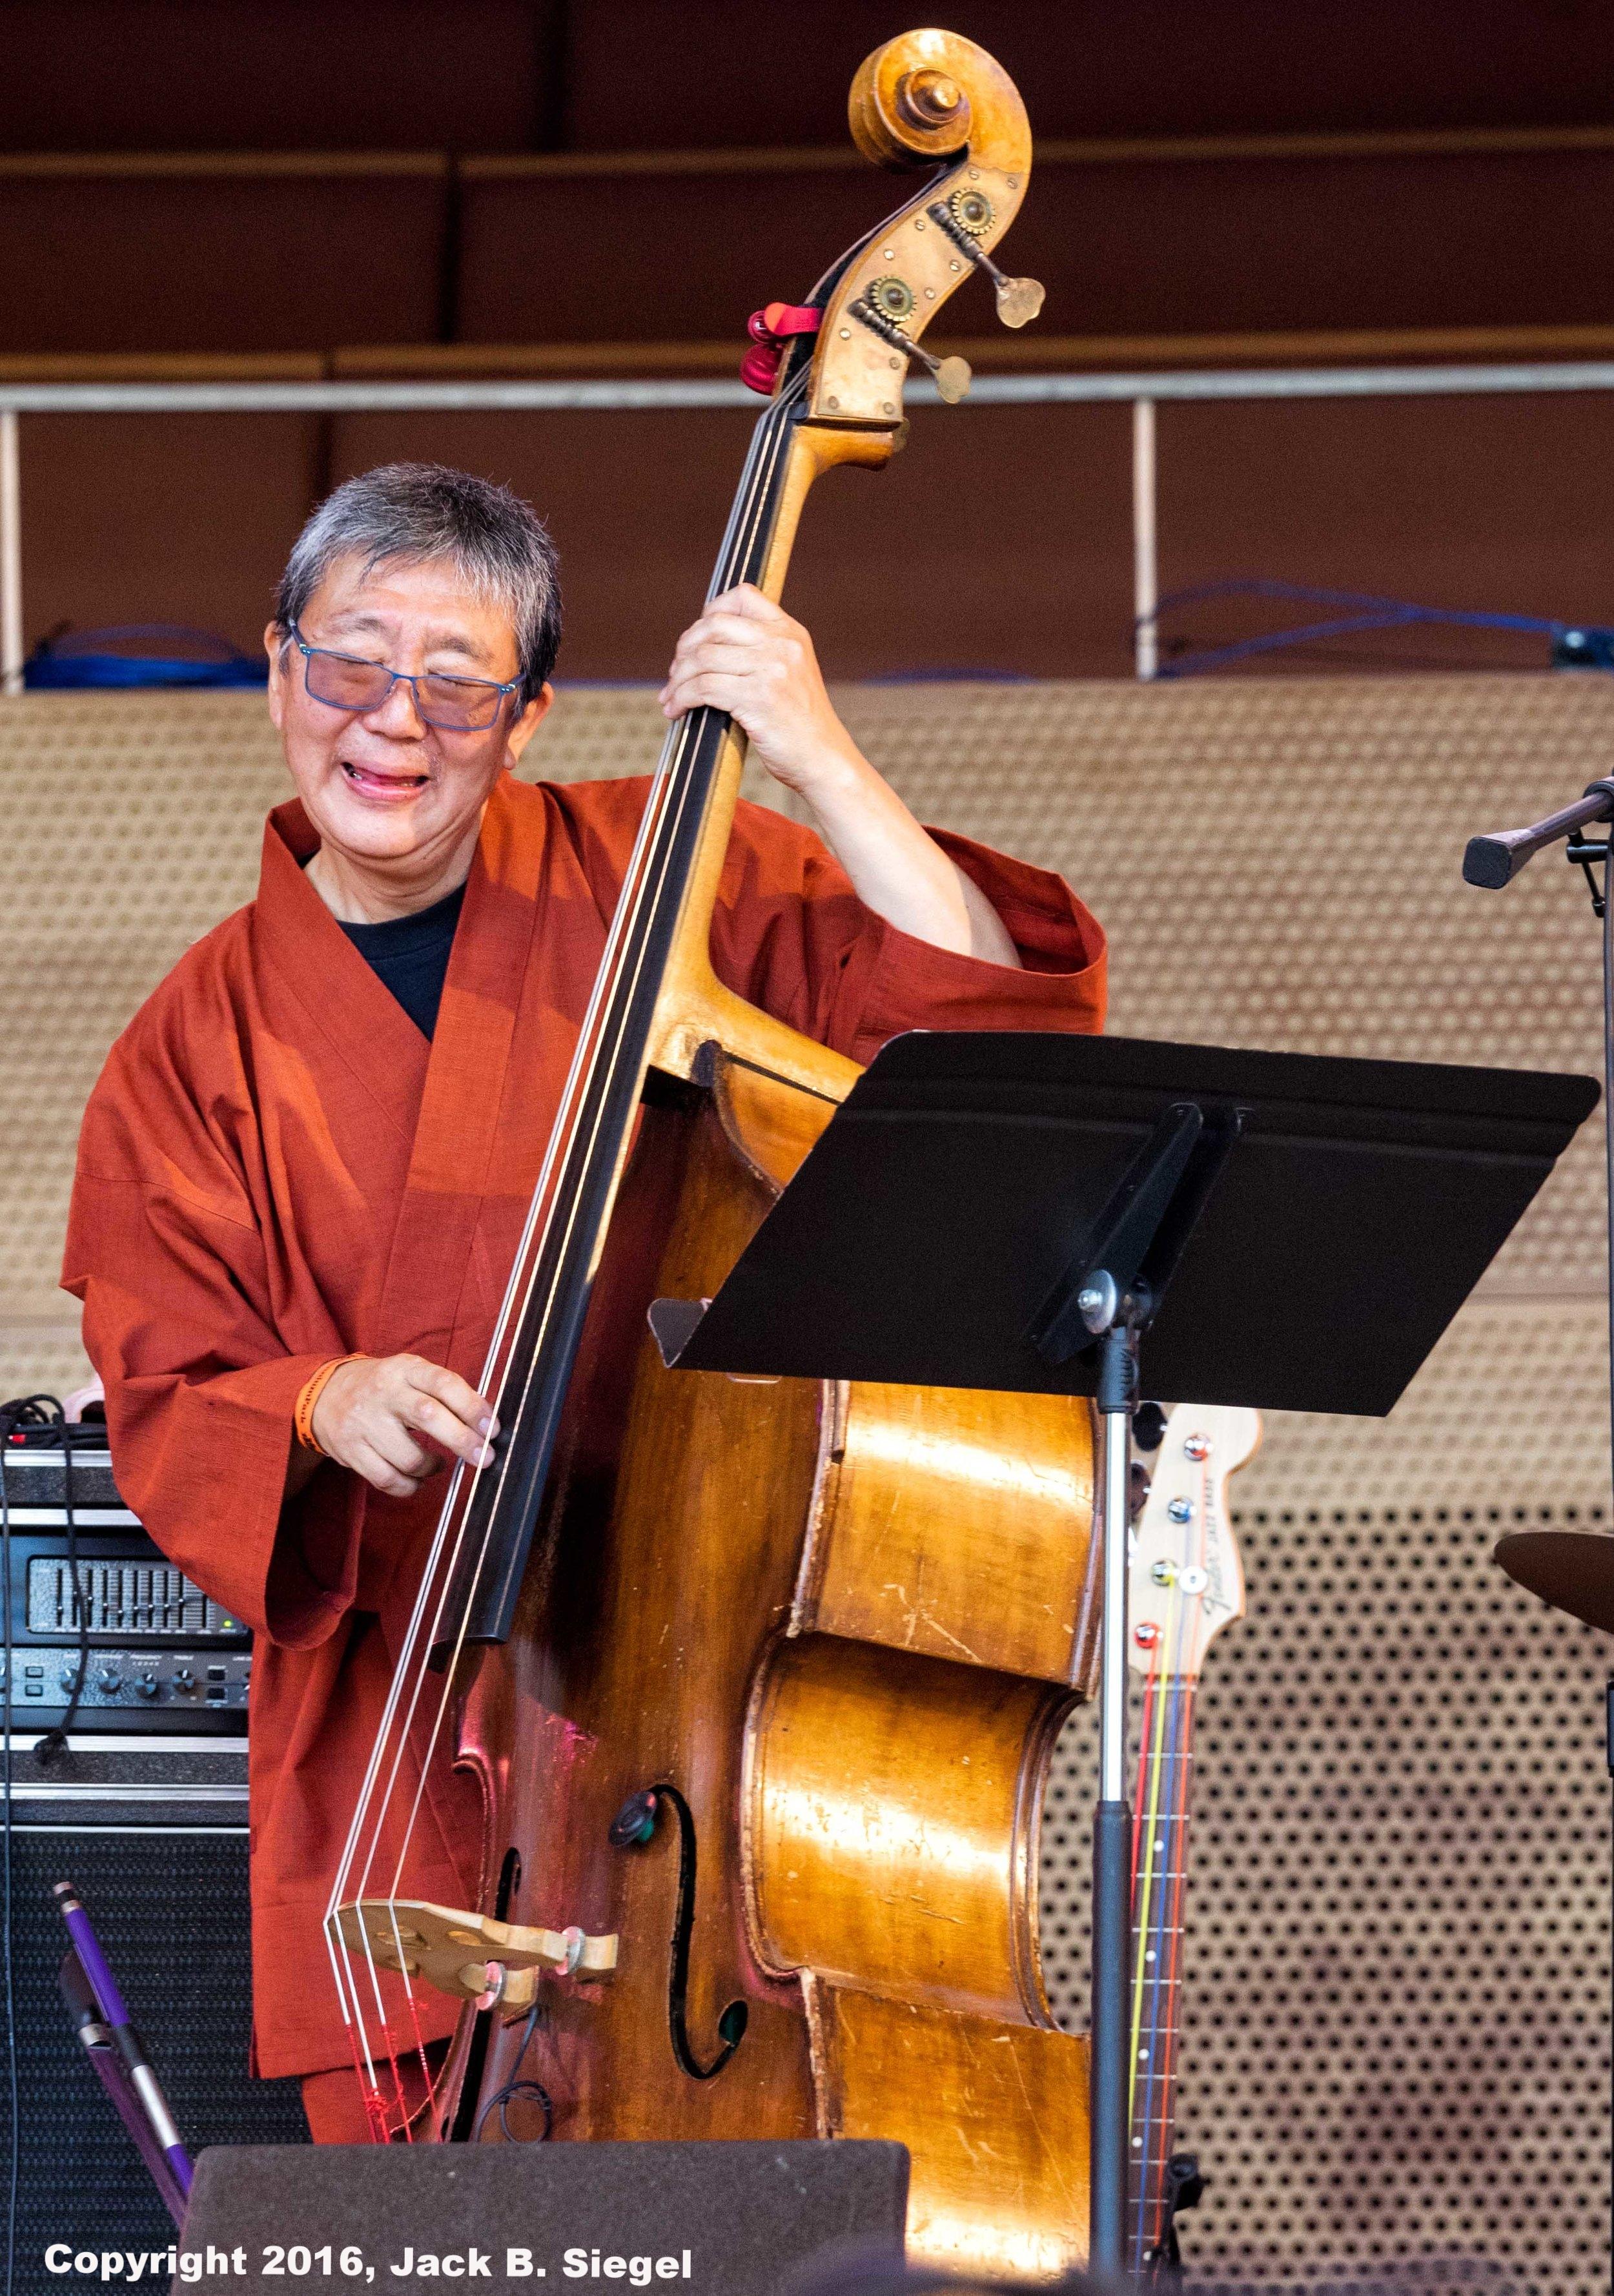 Always Upbeat: Tatsu Aoki